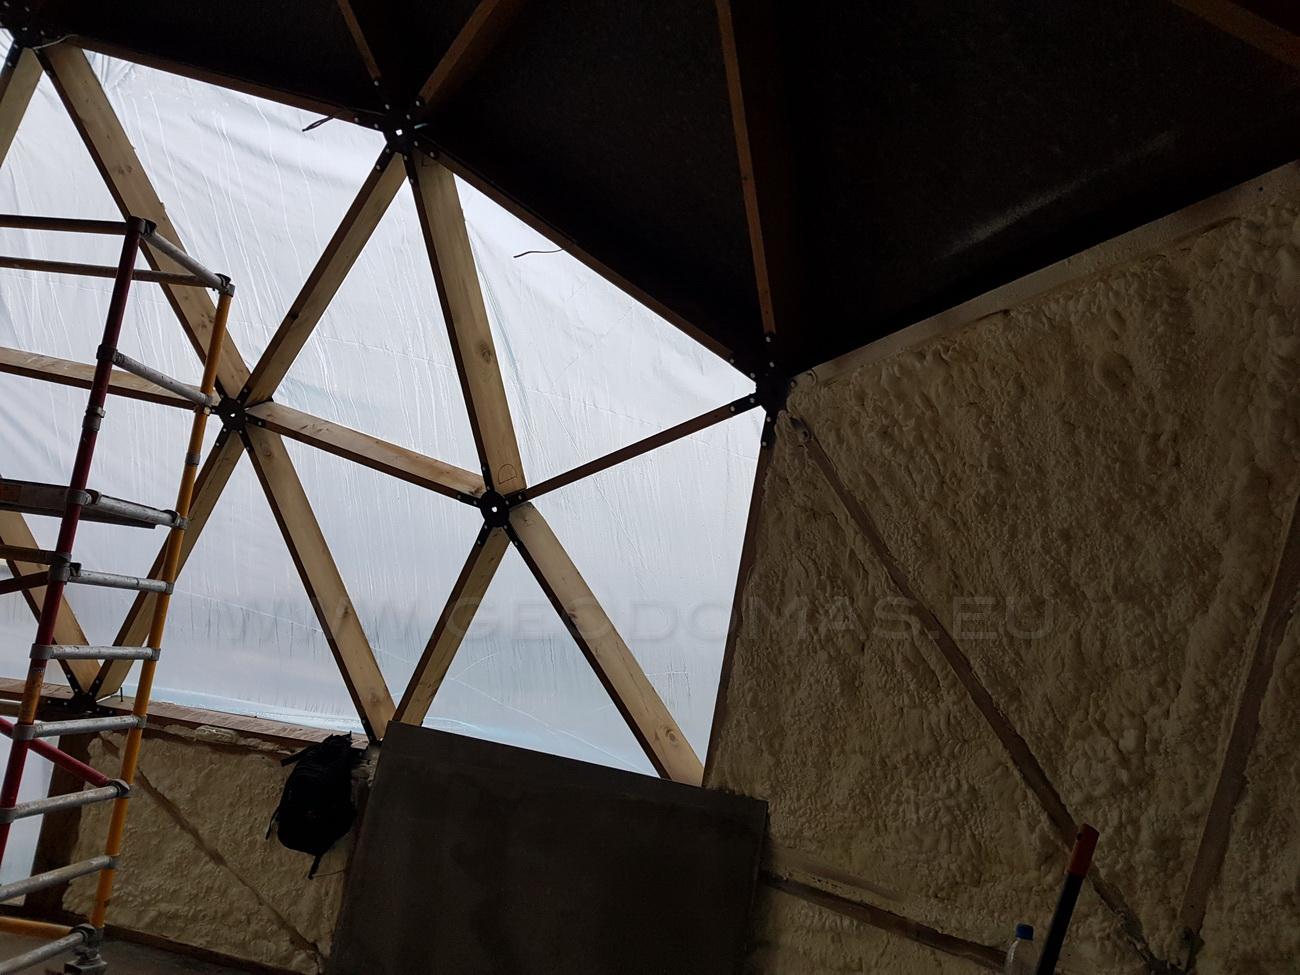 Okrągły dom 125m2 Kopuła geodezyjna Ø12m, Szerwinty, Litwa